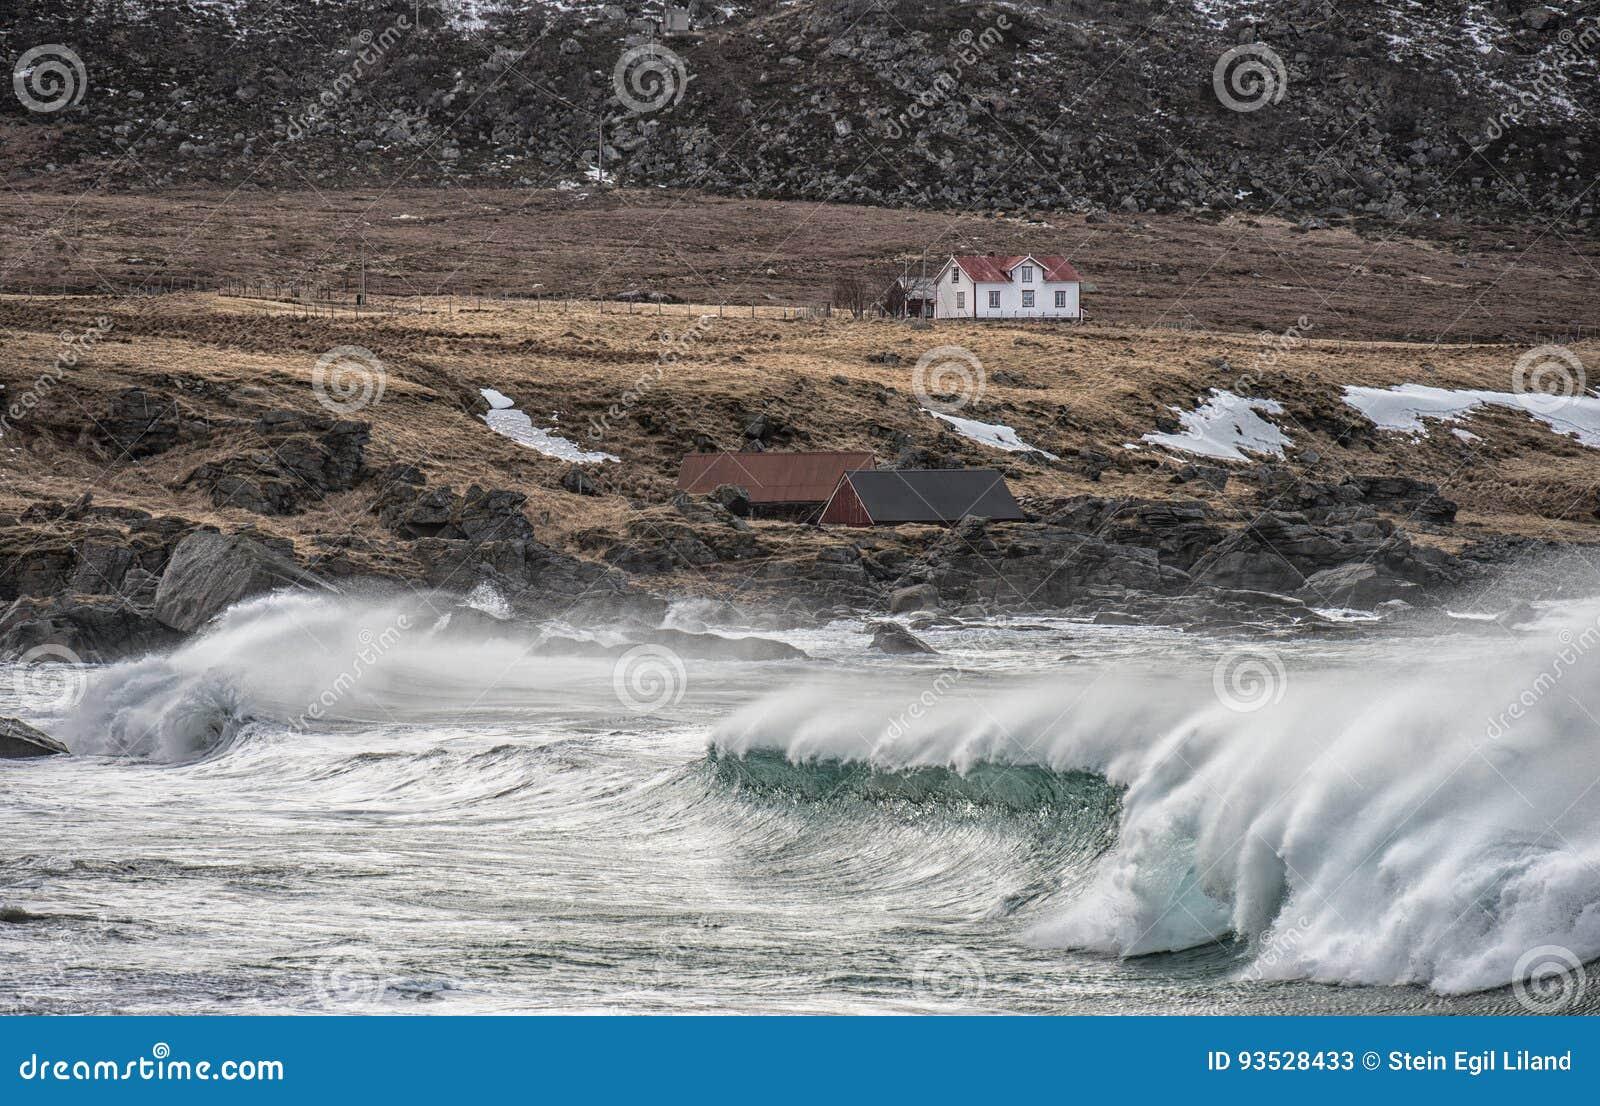 Mały dom morzem